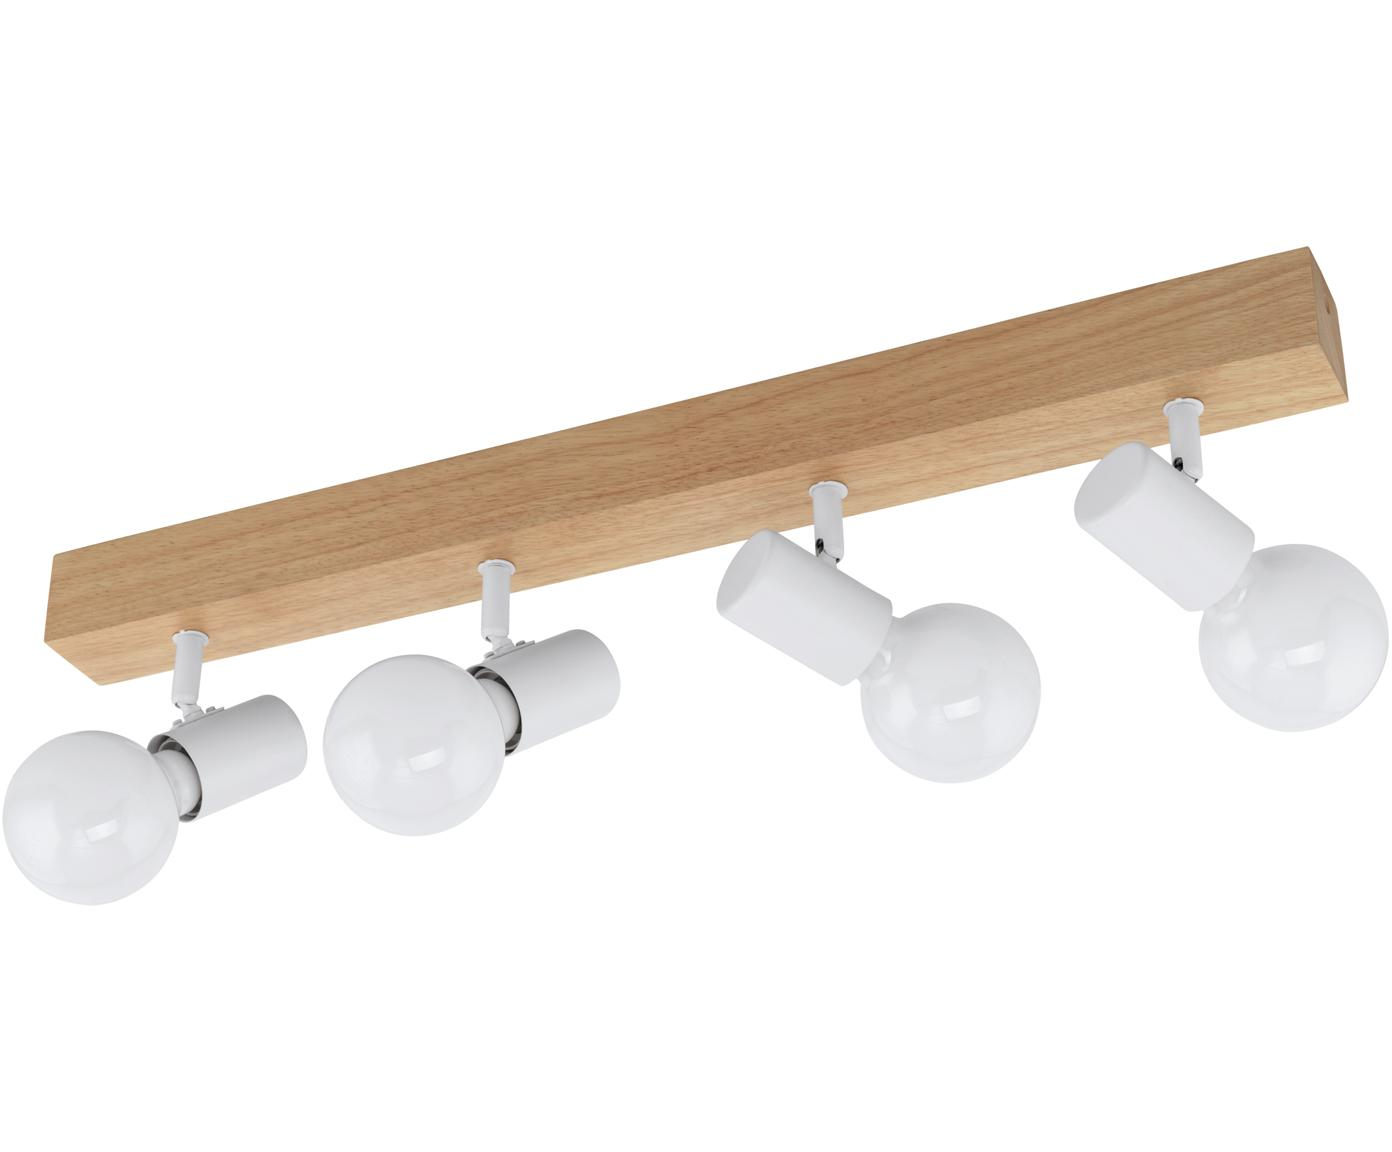 Deckenstrahler Townshend, Weiß, Holz, 63 x 13 cm